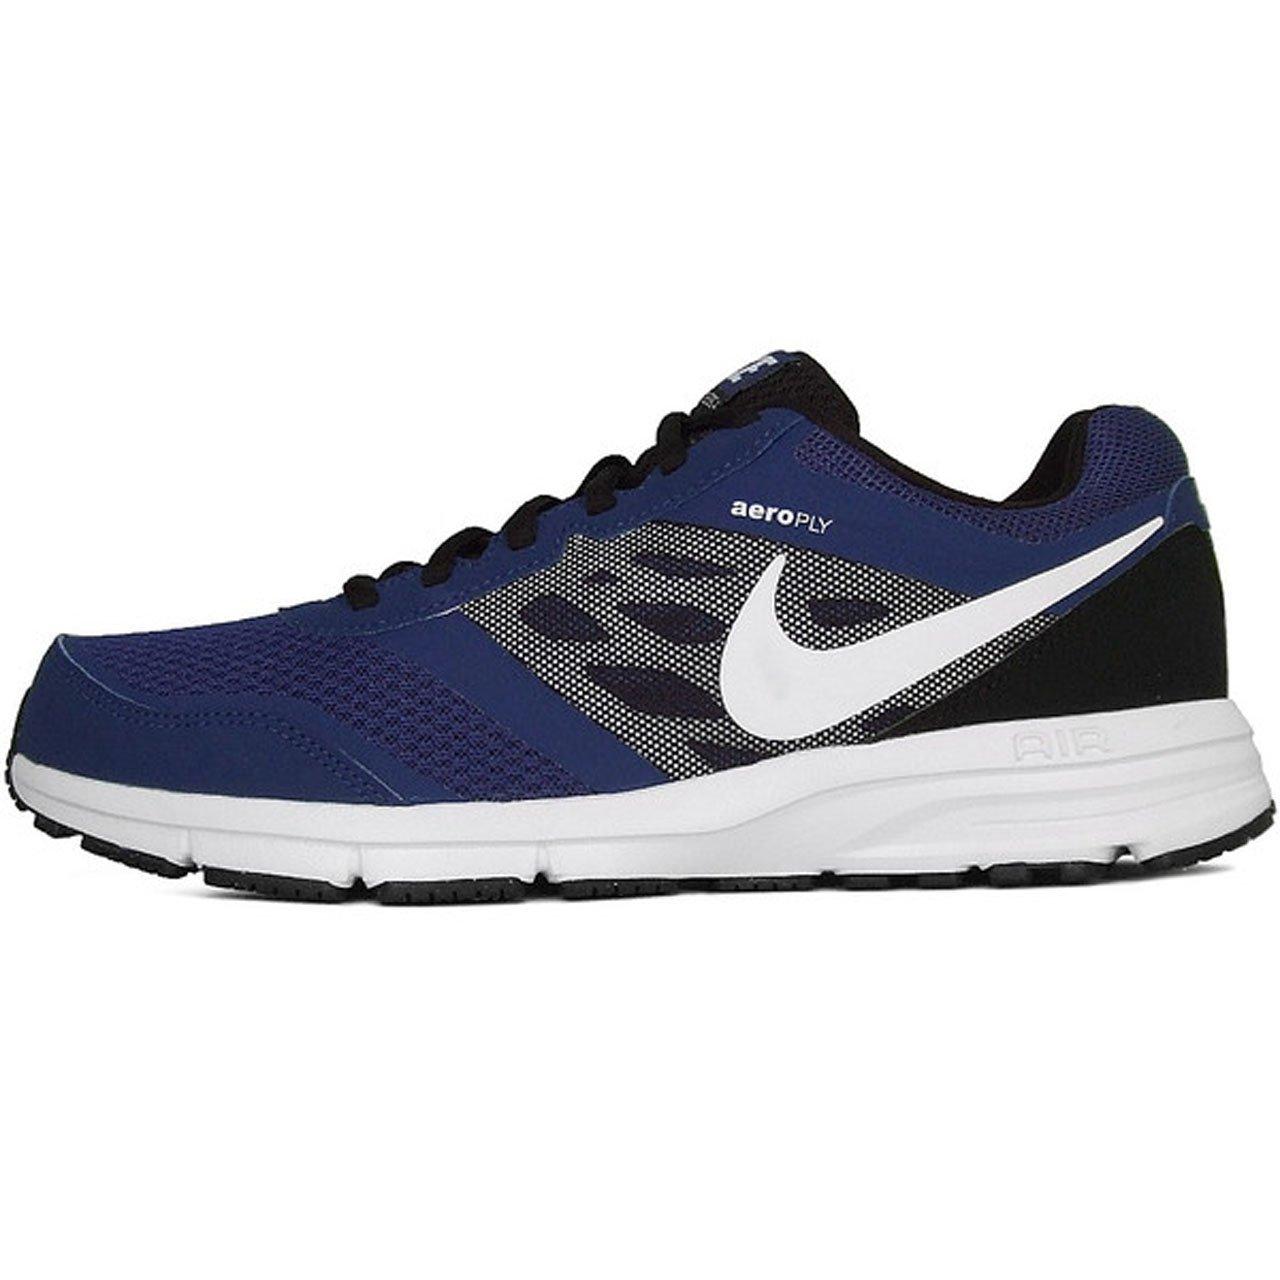 Nike Herren Air Relentless 4 MSL Deep Royal Blue, White and Black Mesh Running schuhe 9 UK